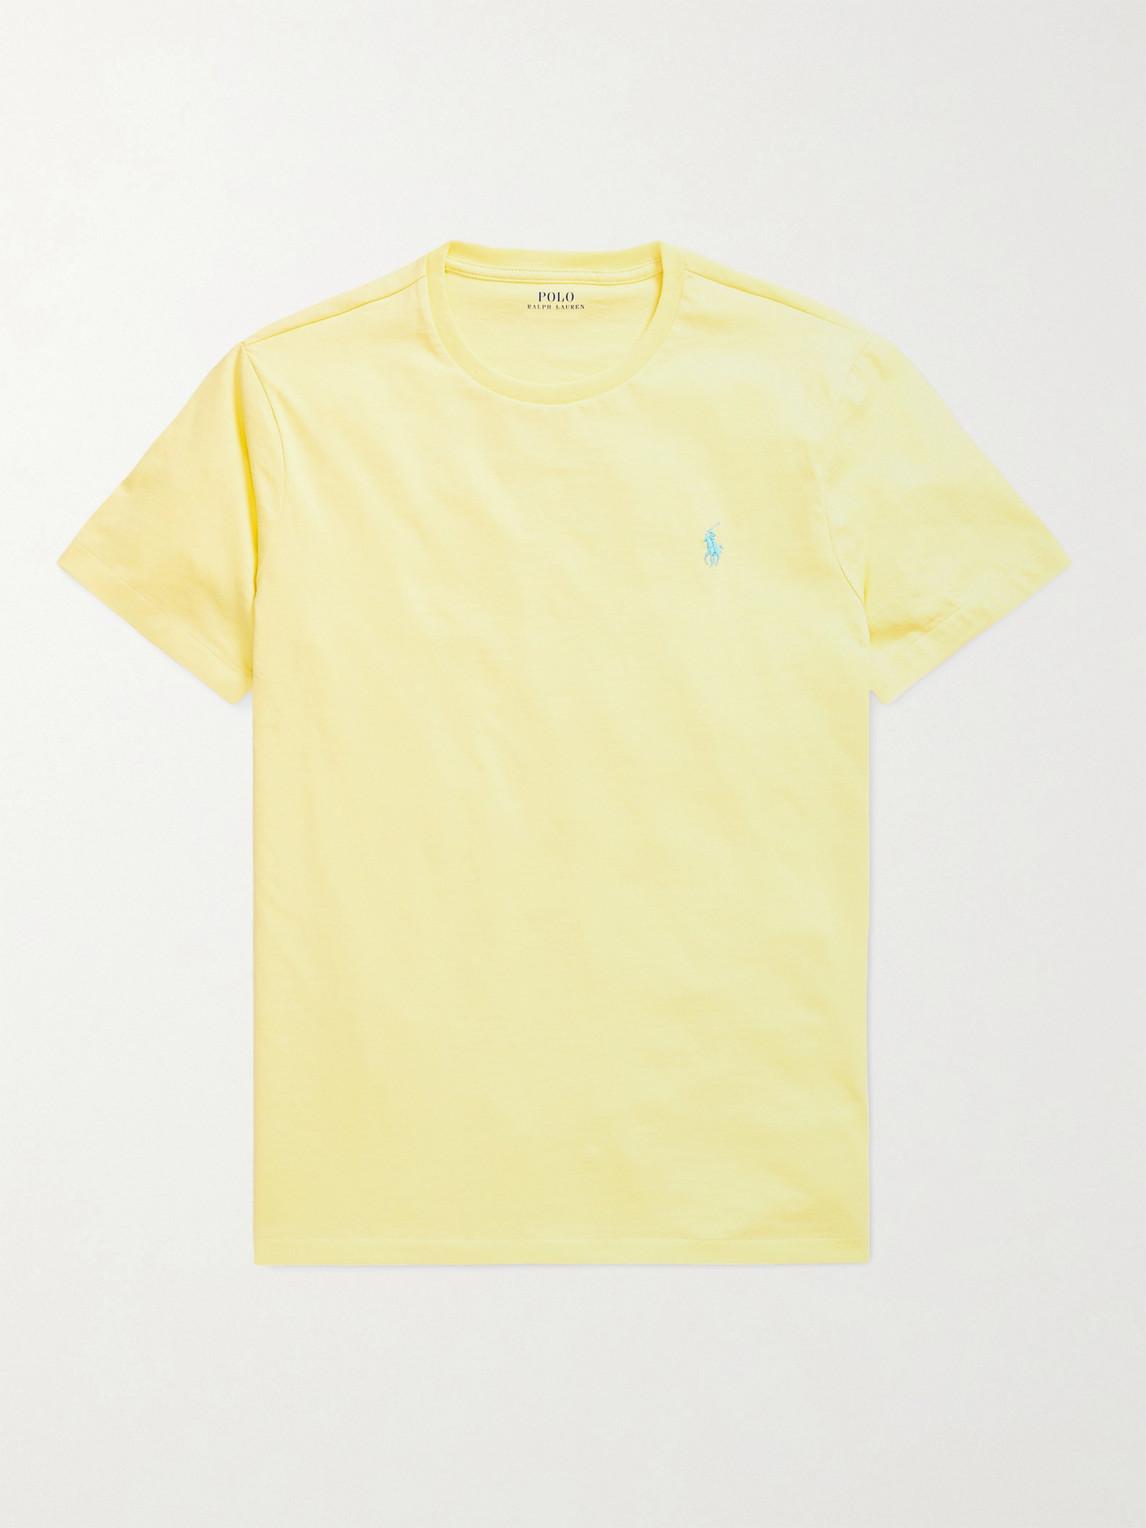 POLO RALPH LAUREN - Cotton-Jersey T-Shirt - Men - Yellow